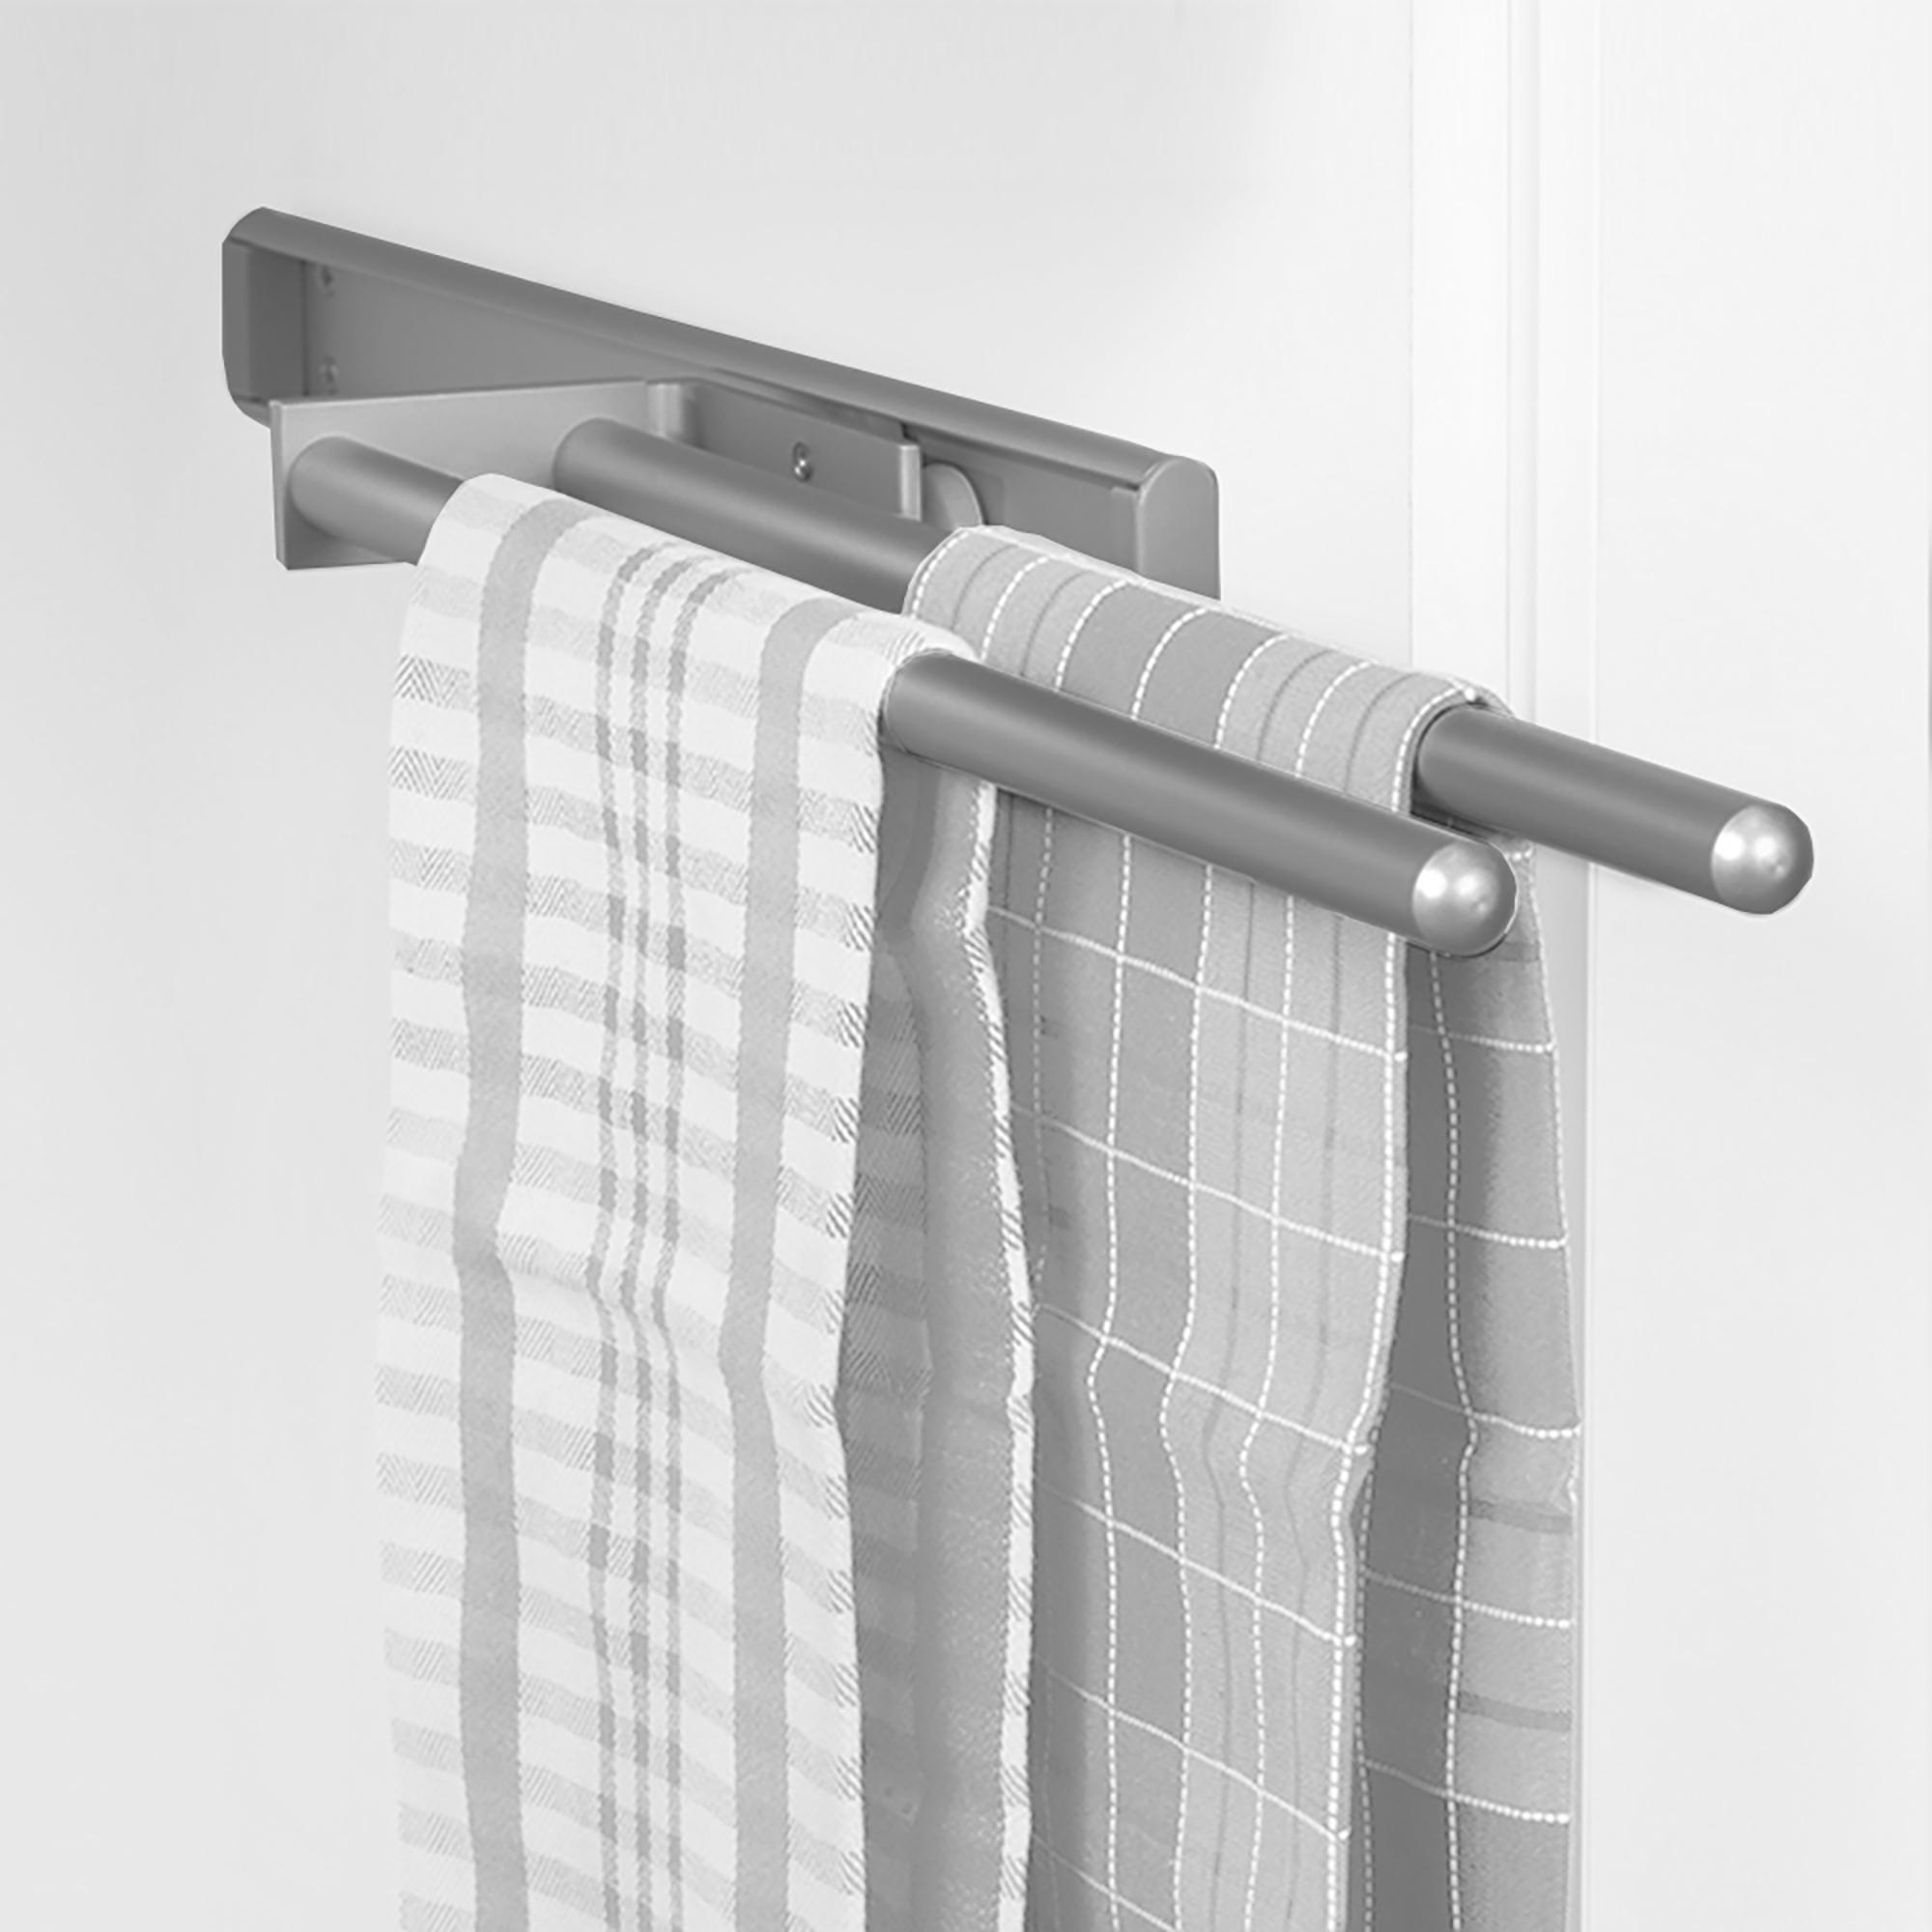 Emuca Porta asciugamani estraibile, 2 bracci, 310 mm, Alluminio, Anodizzato opaco